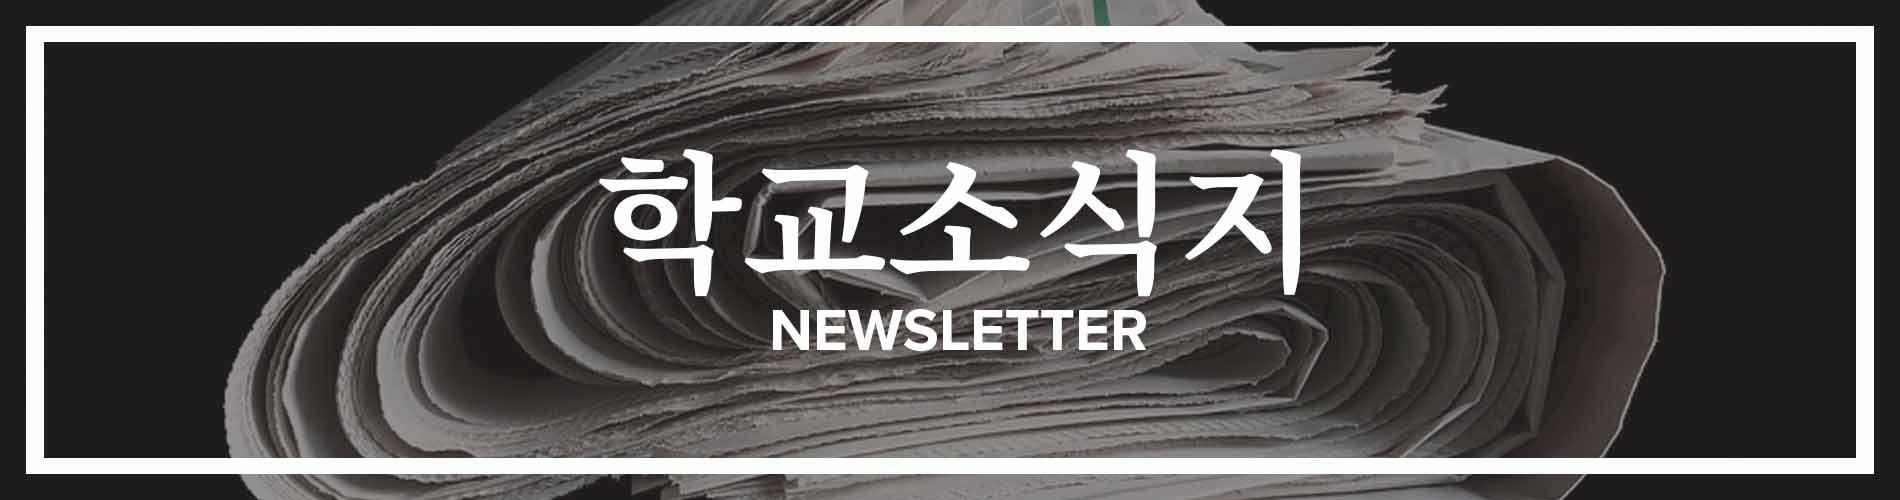 Korean Newsletter Banner